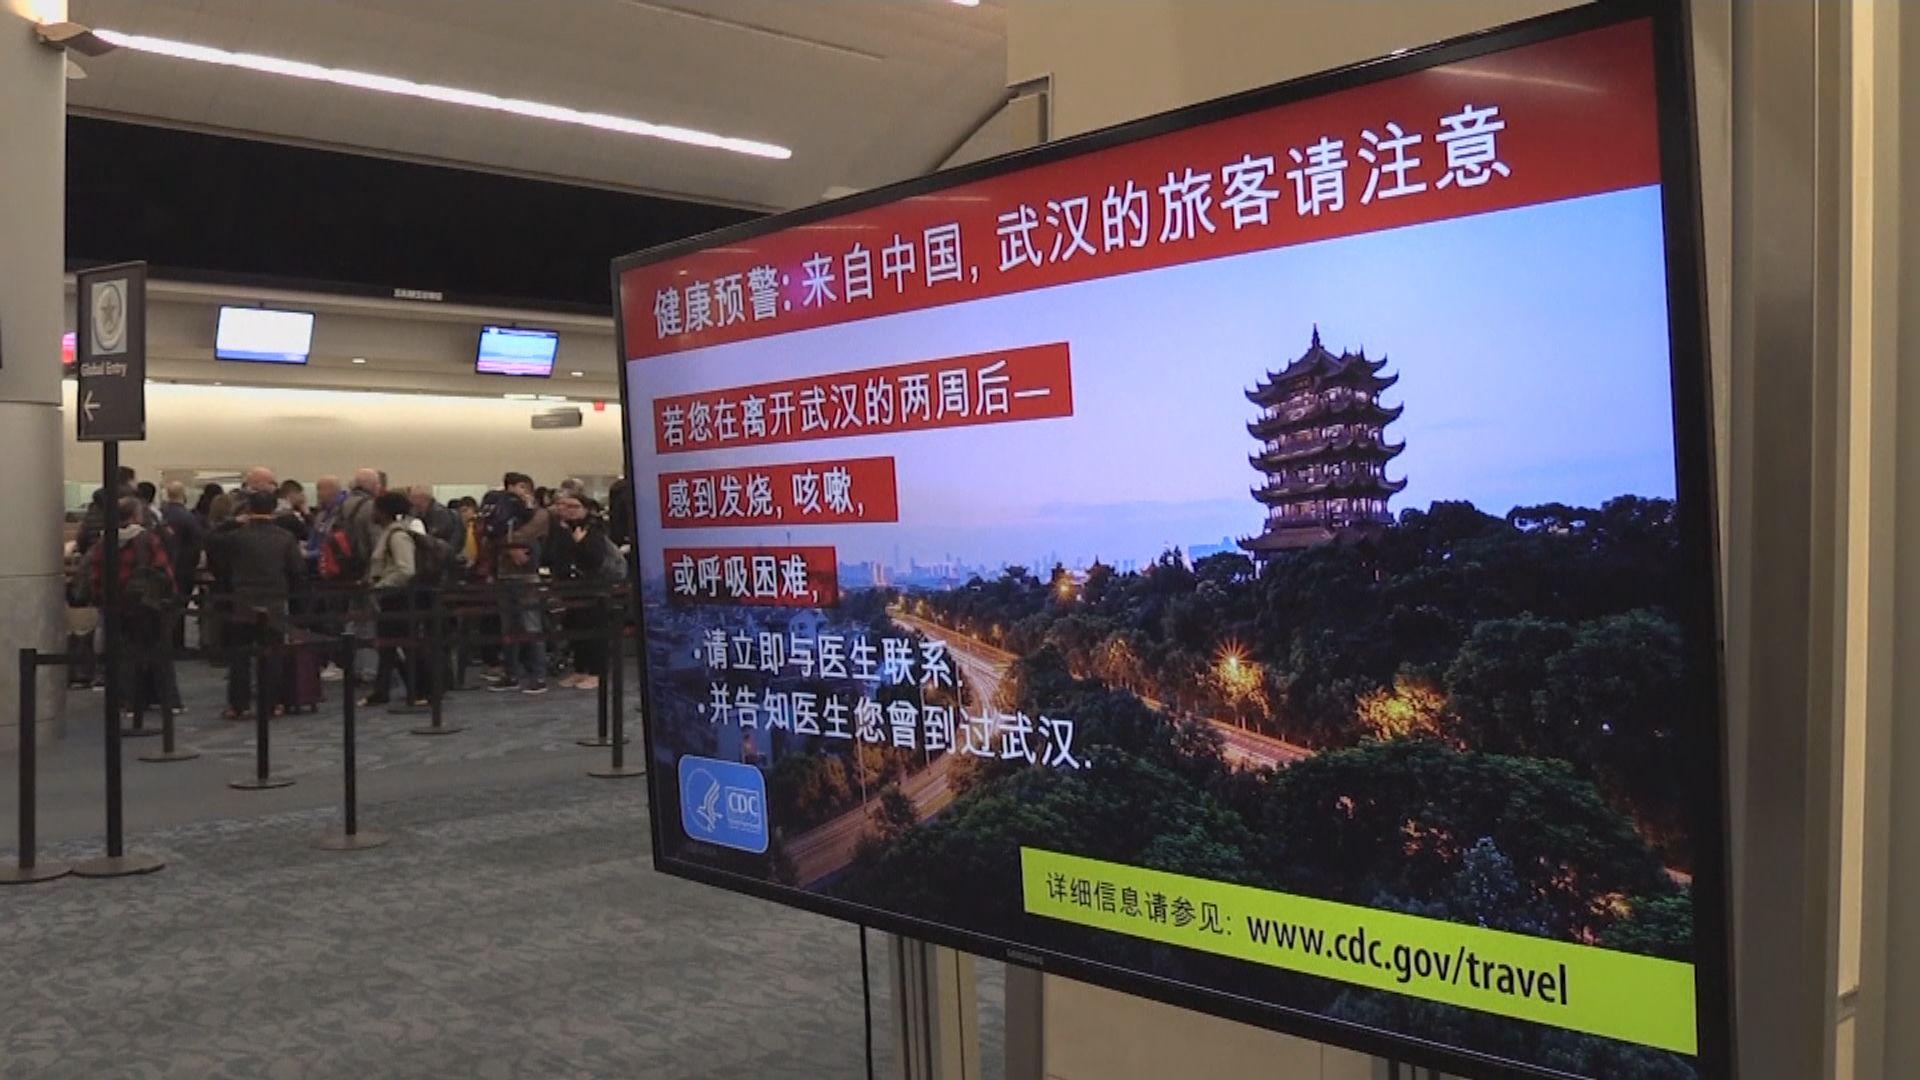 中國呼籲遊客切勿到美國旅遊